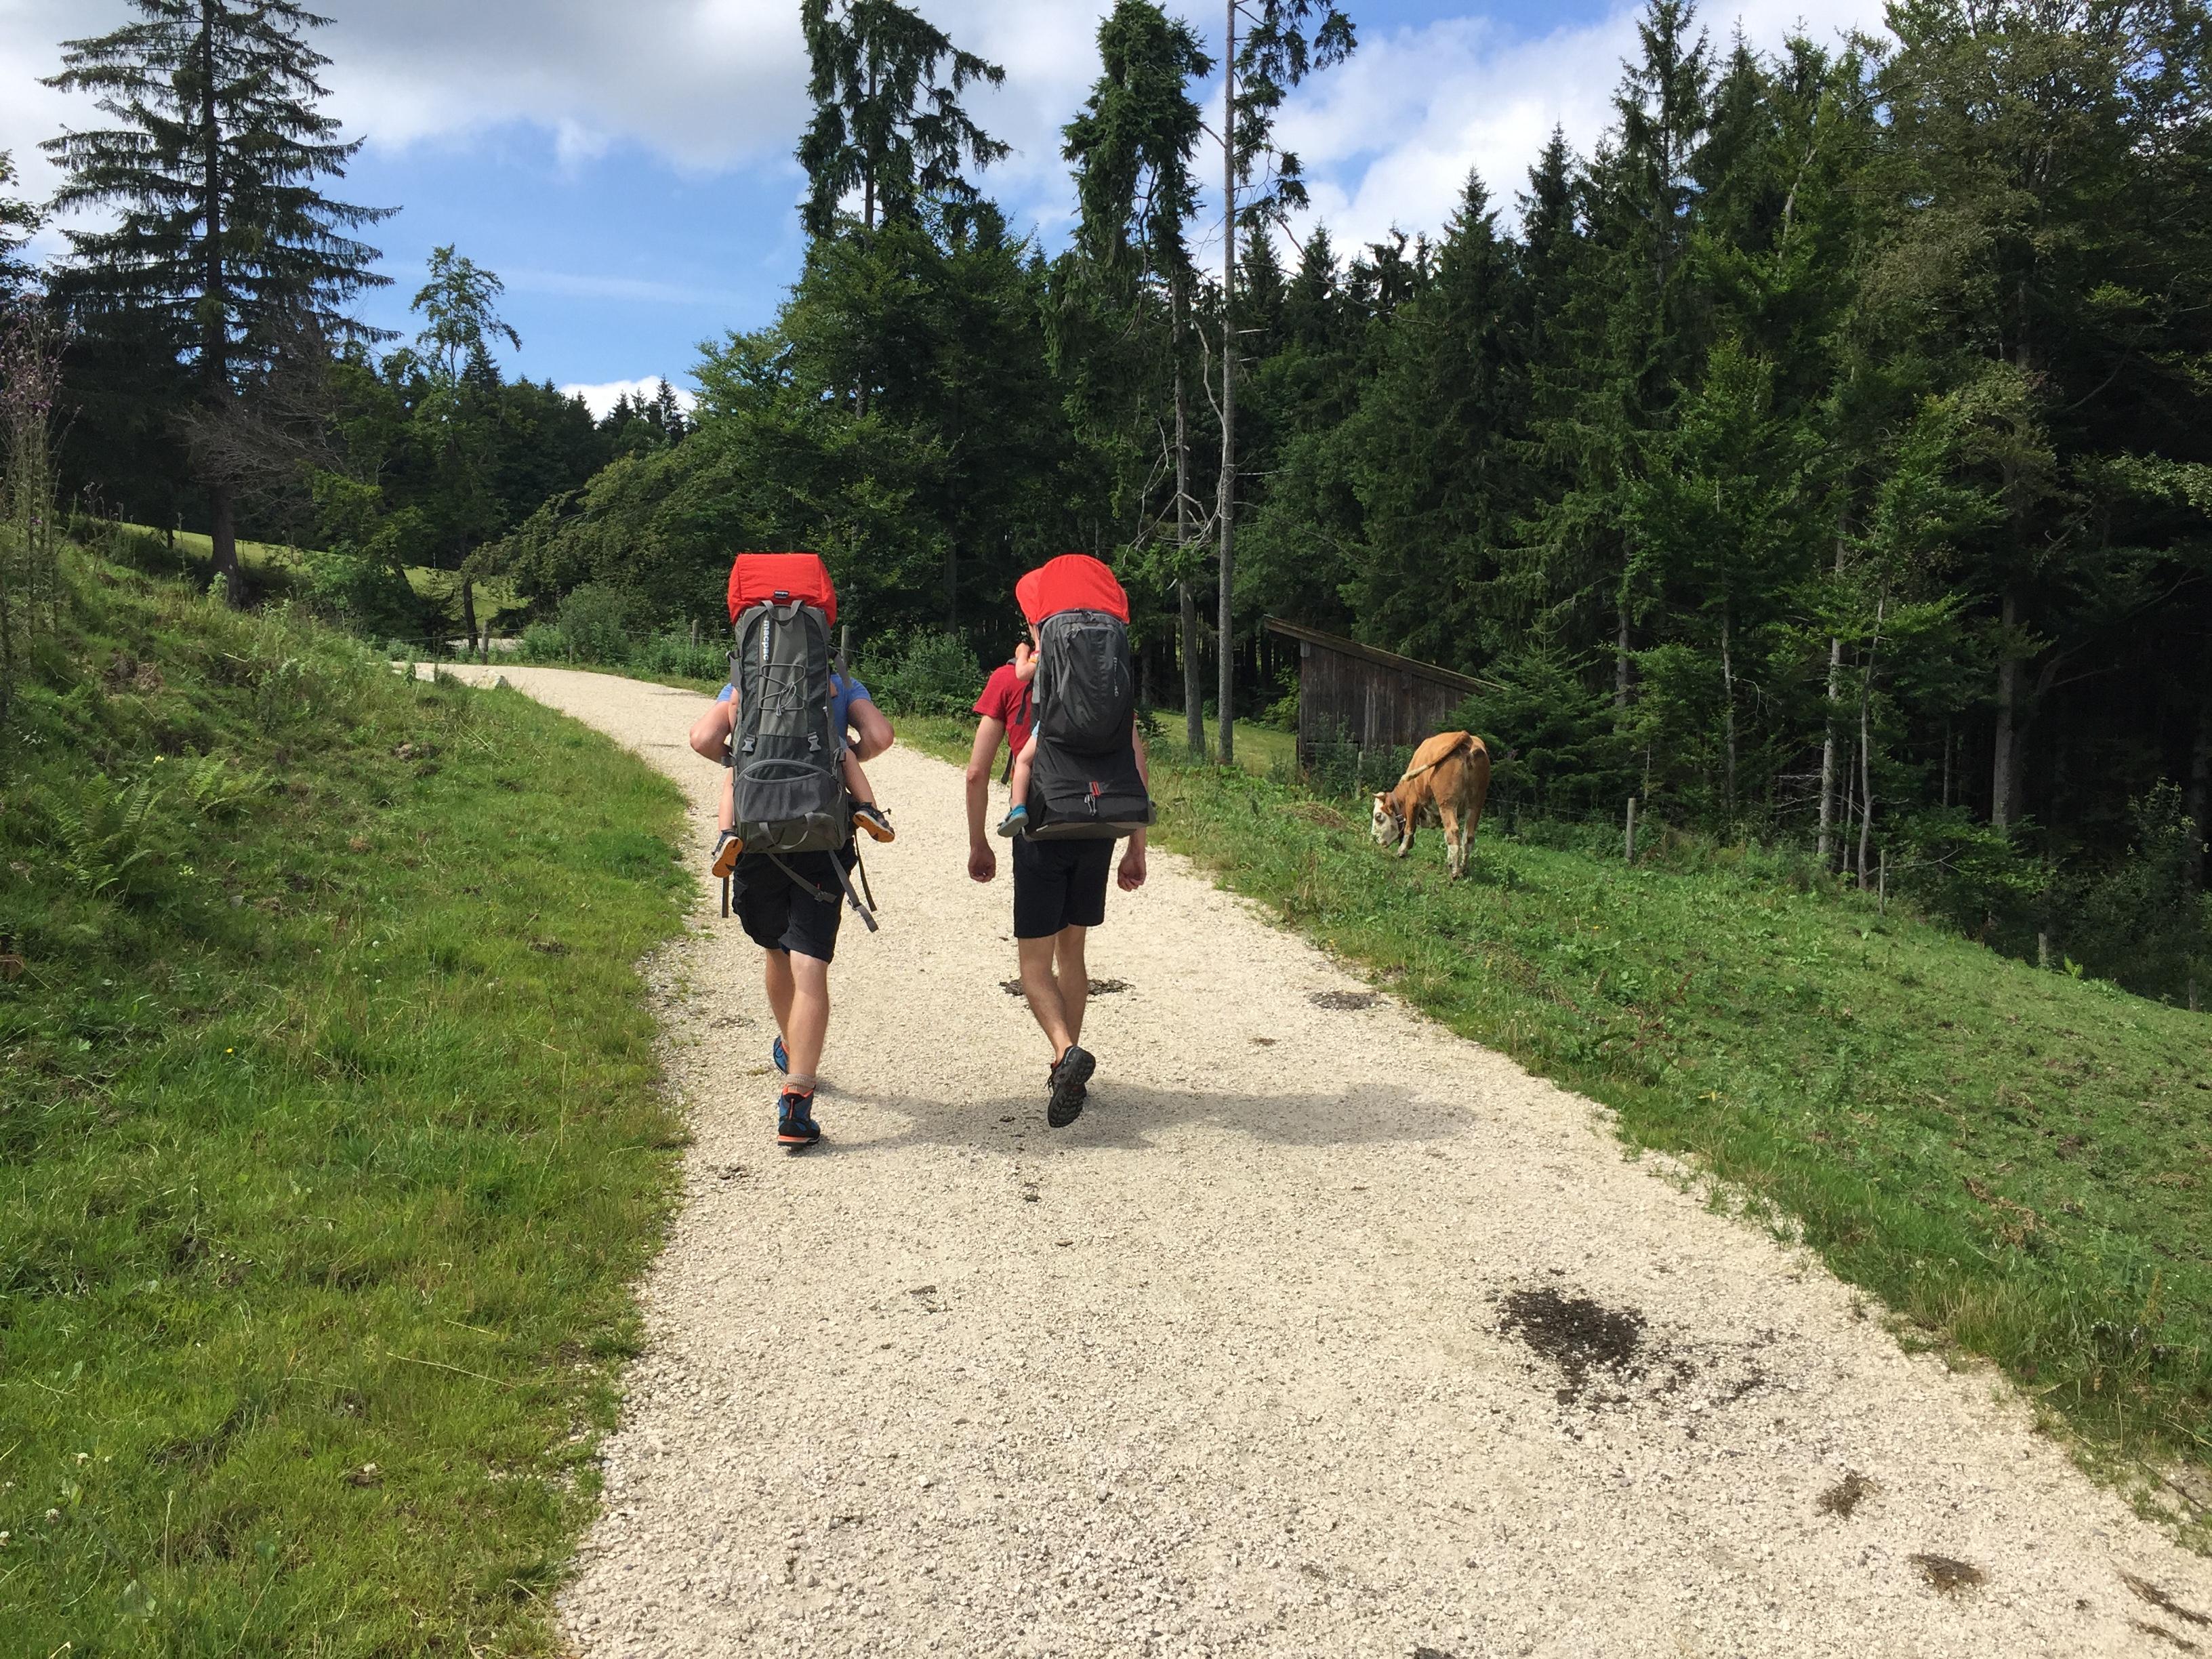 Wanderung mit Kraxe zur Bründling-Alm im Hochfellngebiet.